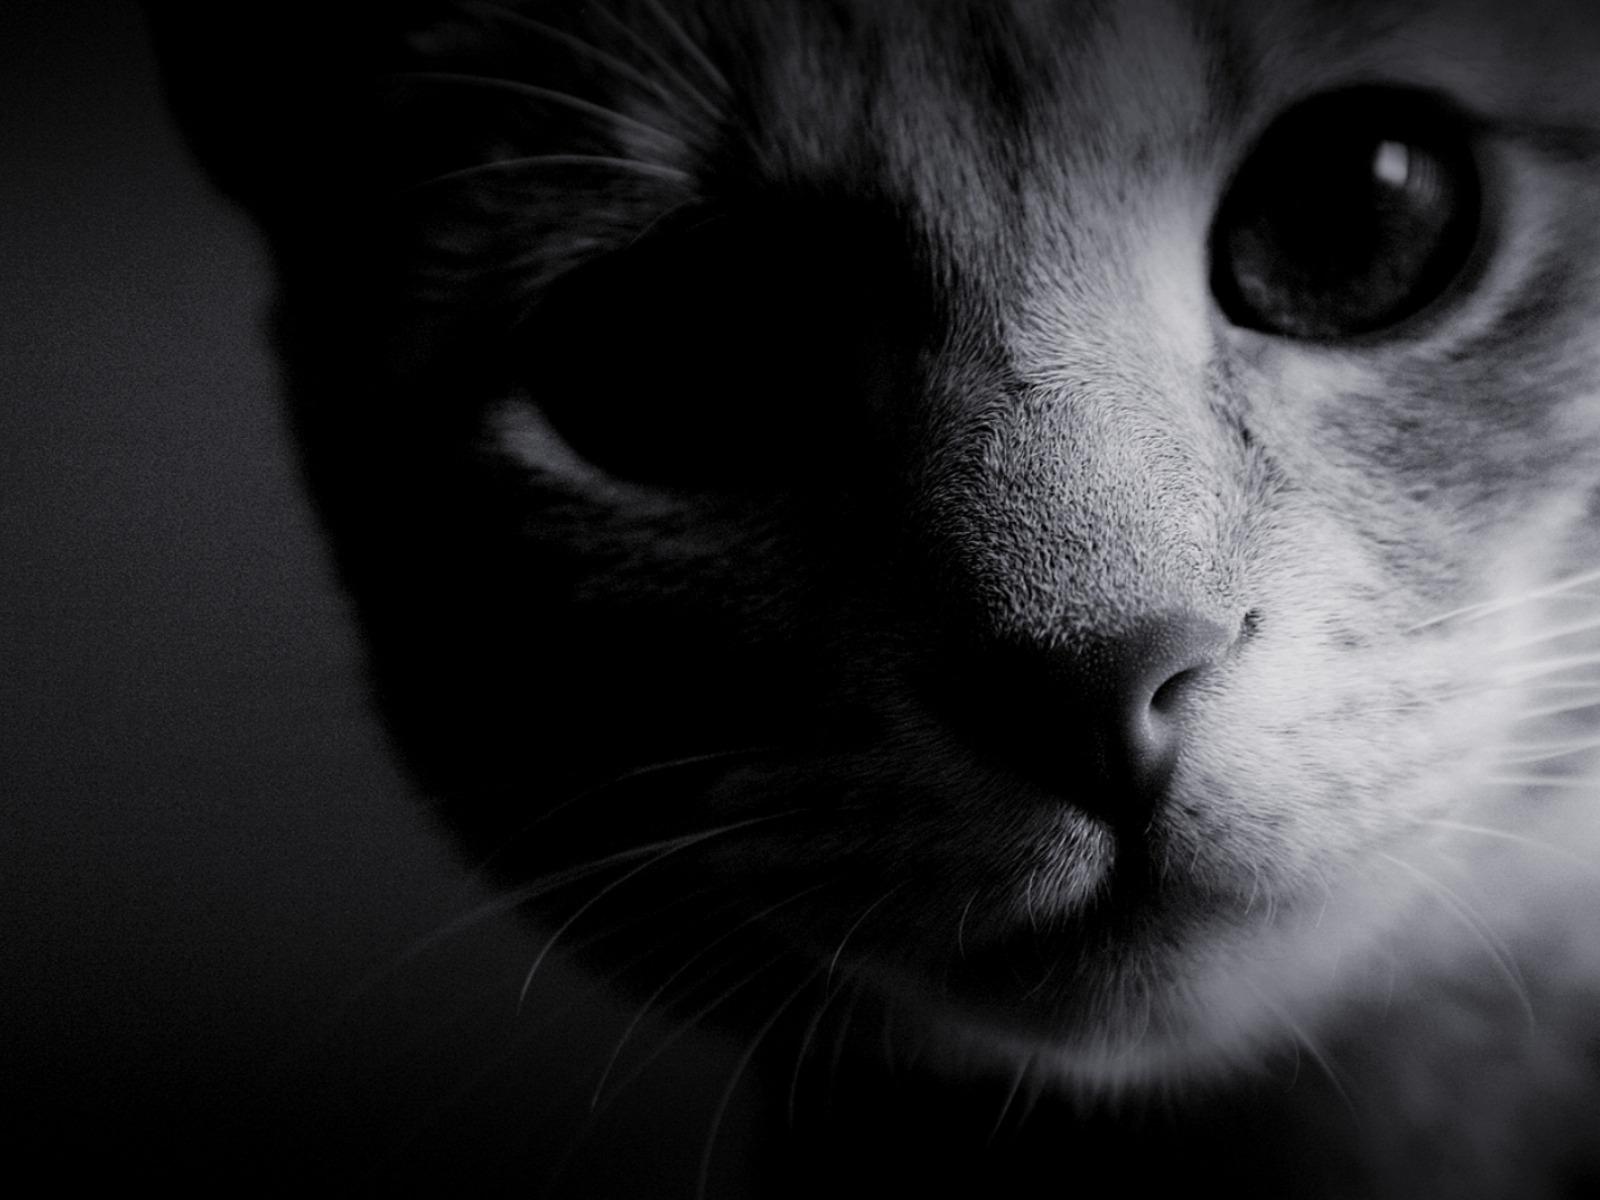 передает черно белые картинки на аву для ок чистом